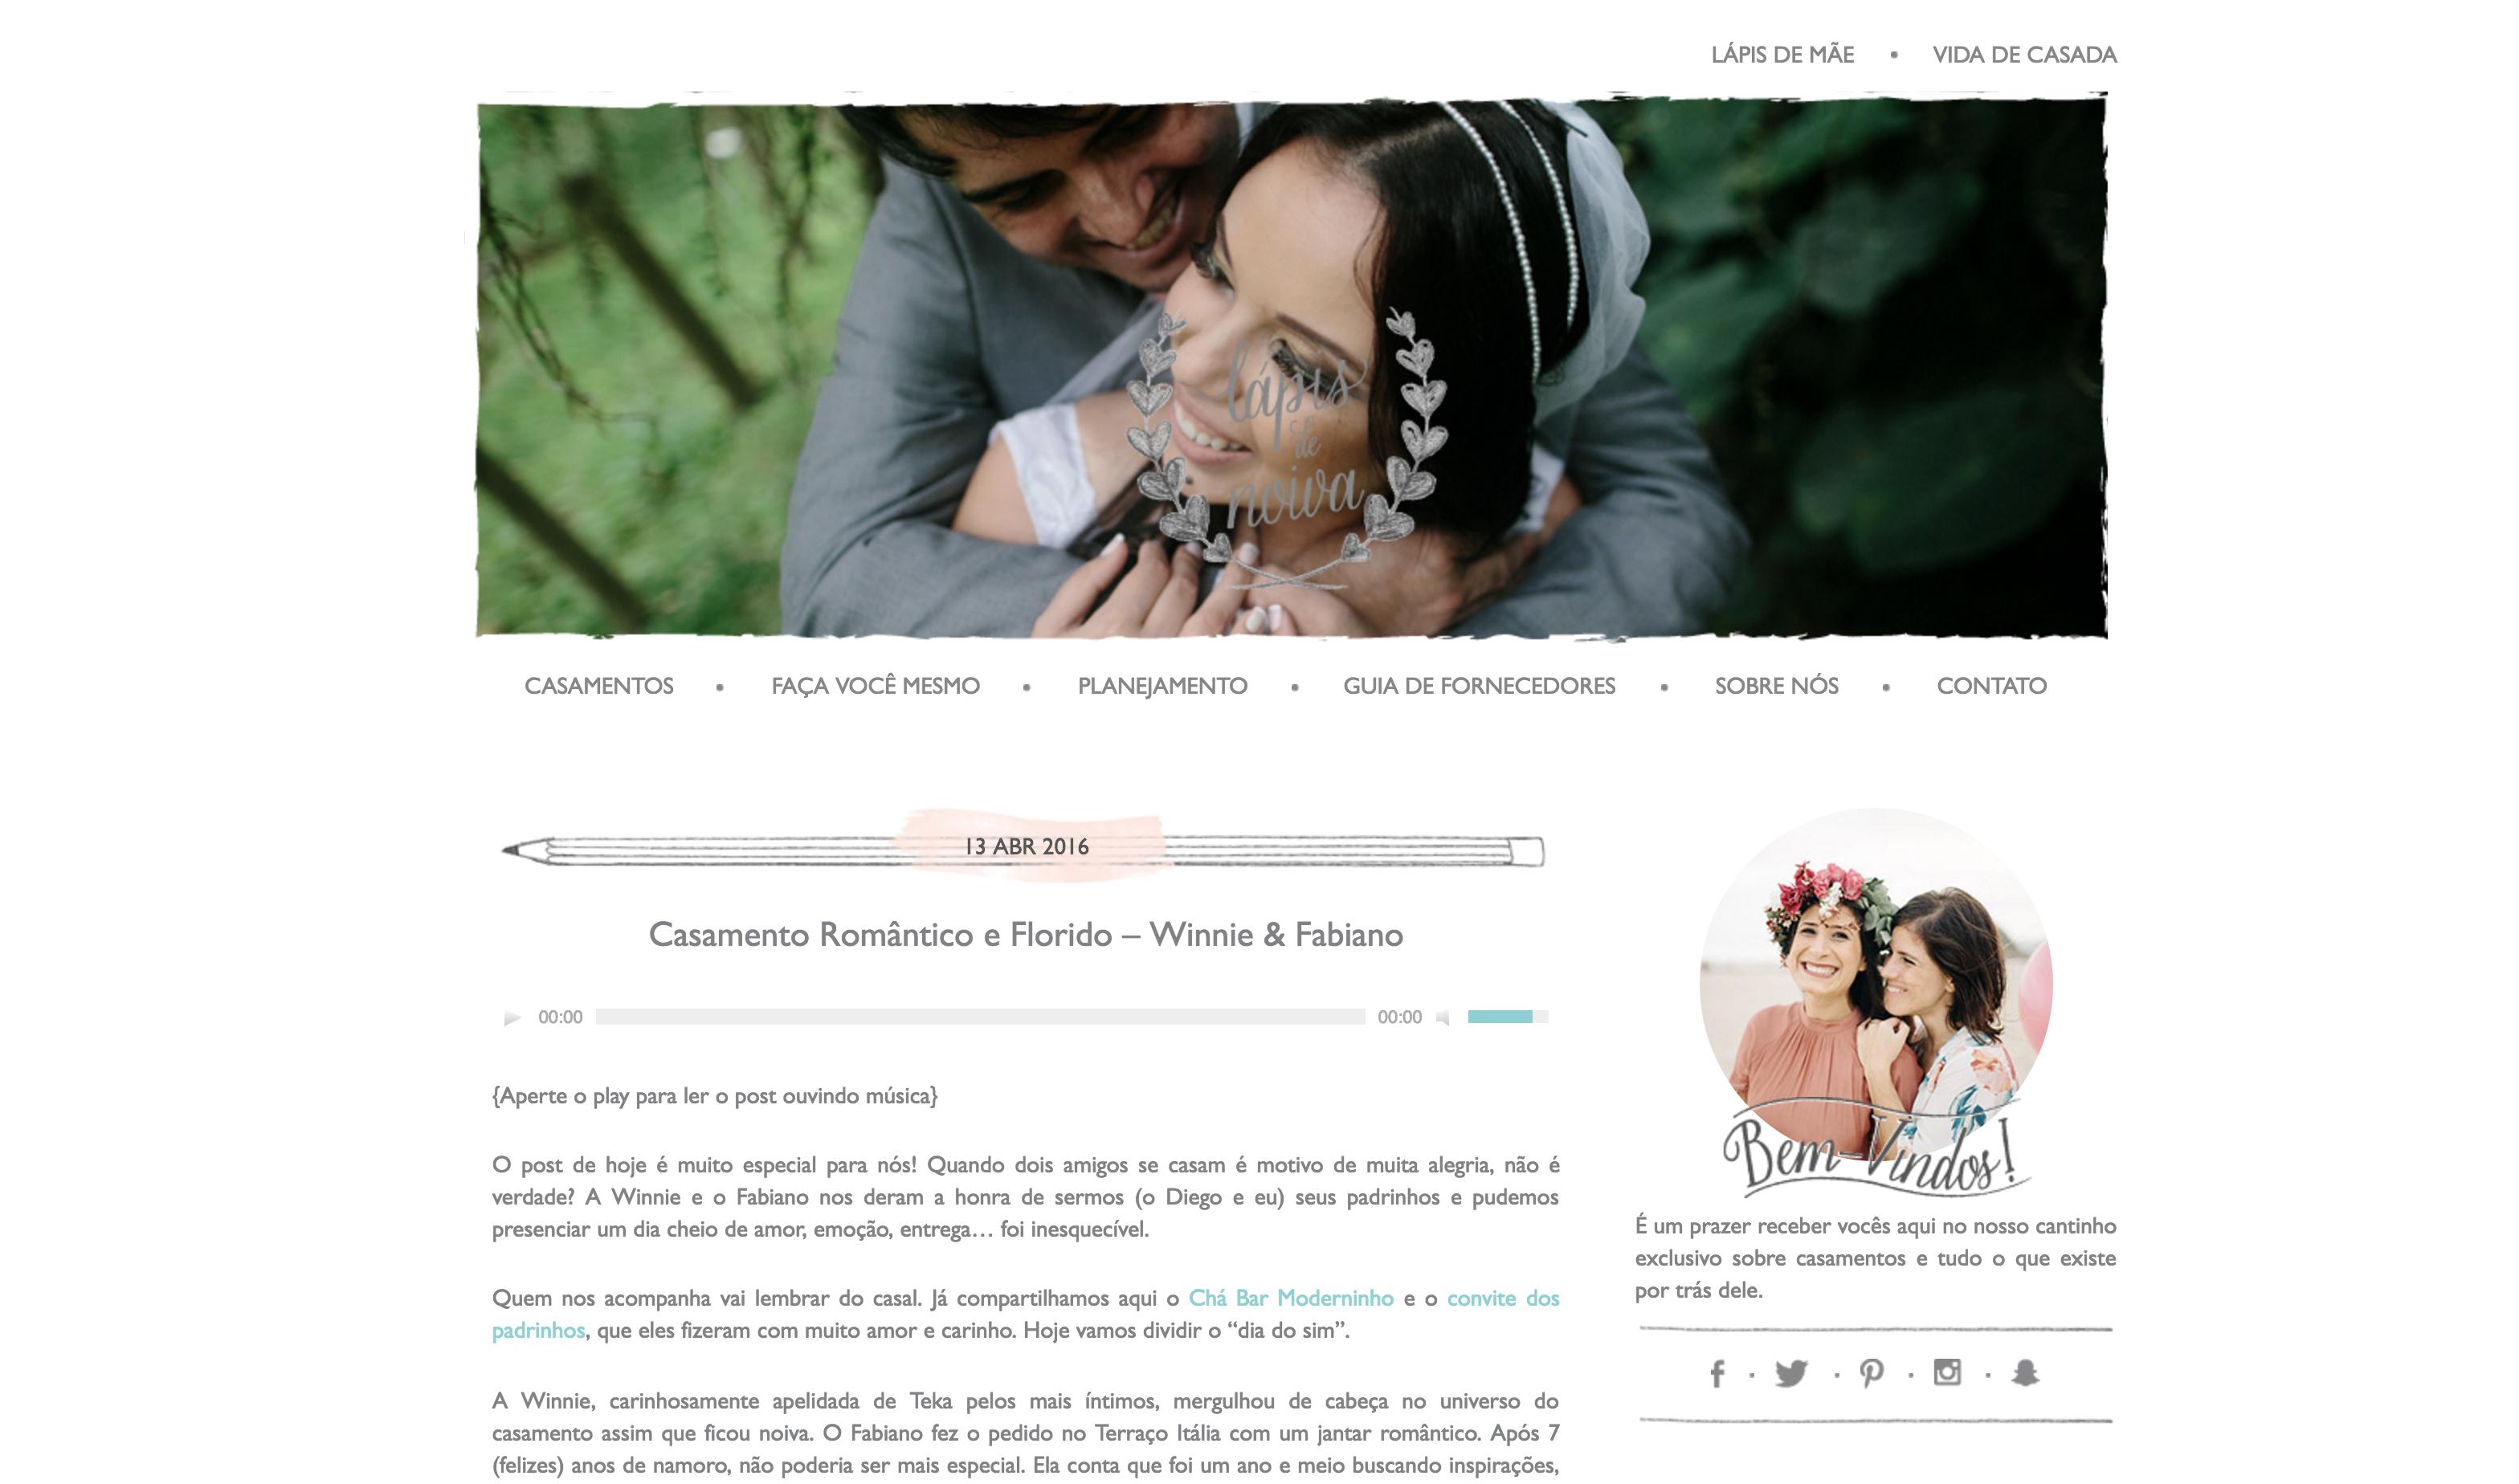 Blog Lapis de Noiva